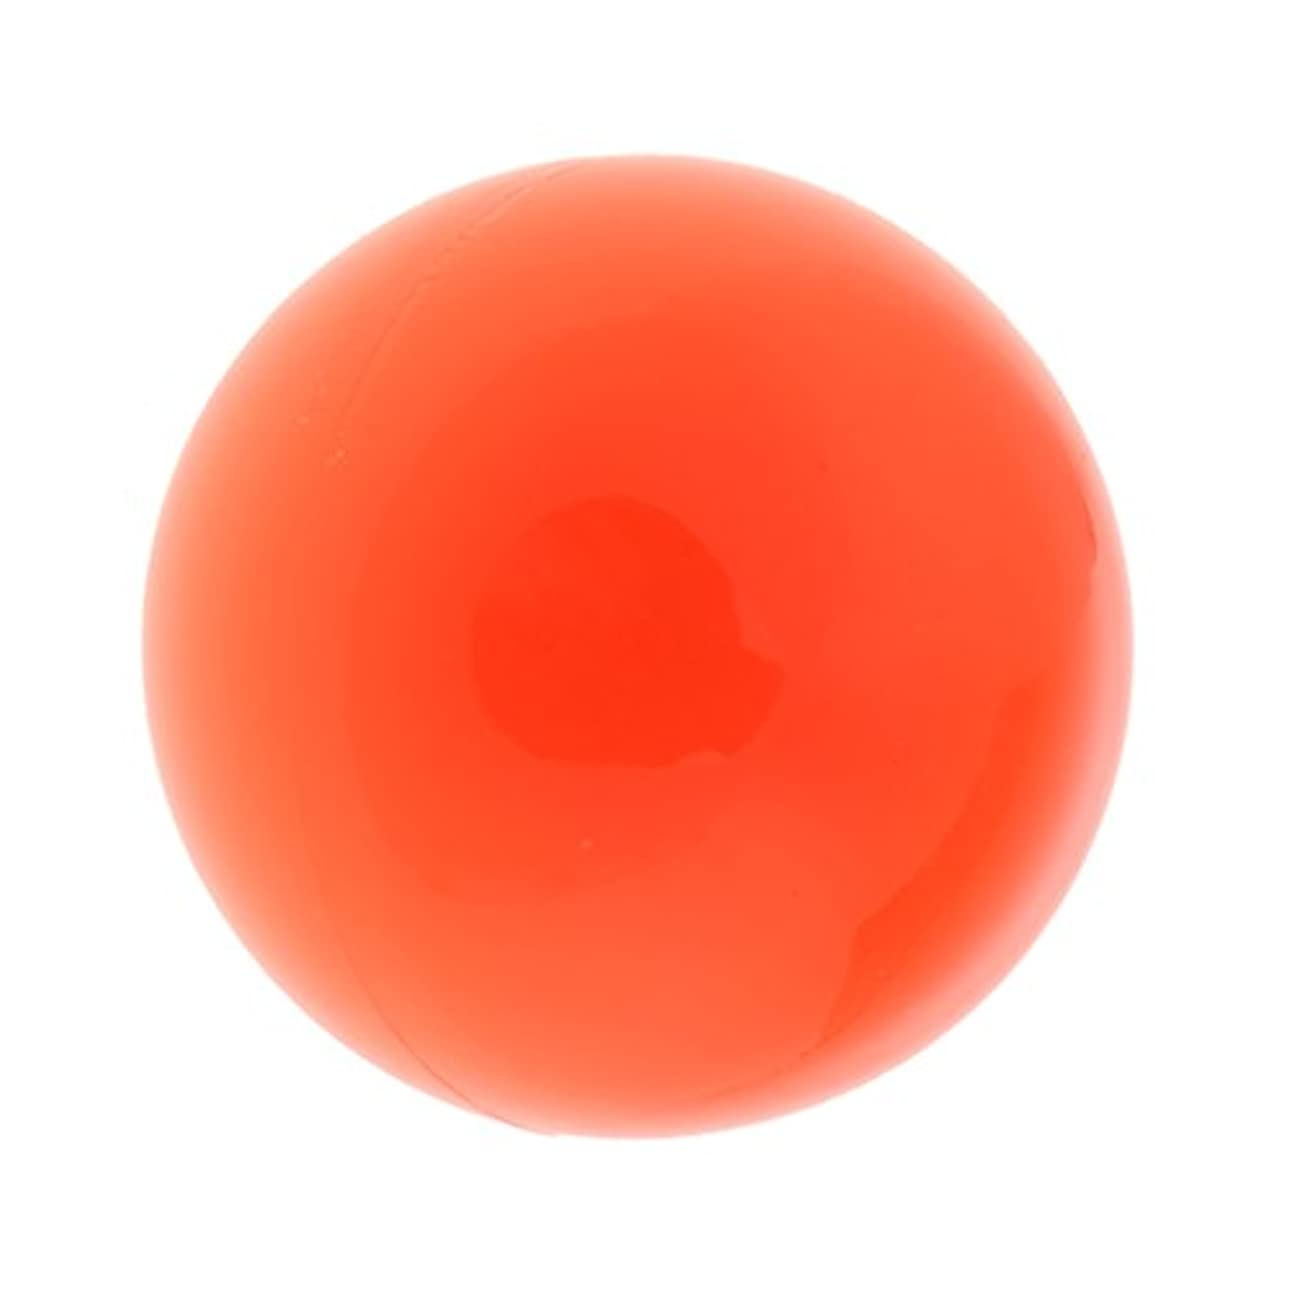 おいしいスクレーパー測るSONONIA マッサージボール エコフレンドリーPVC 74mm マッサージ ポイントマッサージ ボール ソフト トレーニング